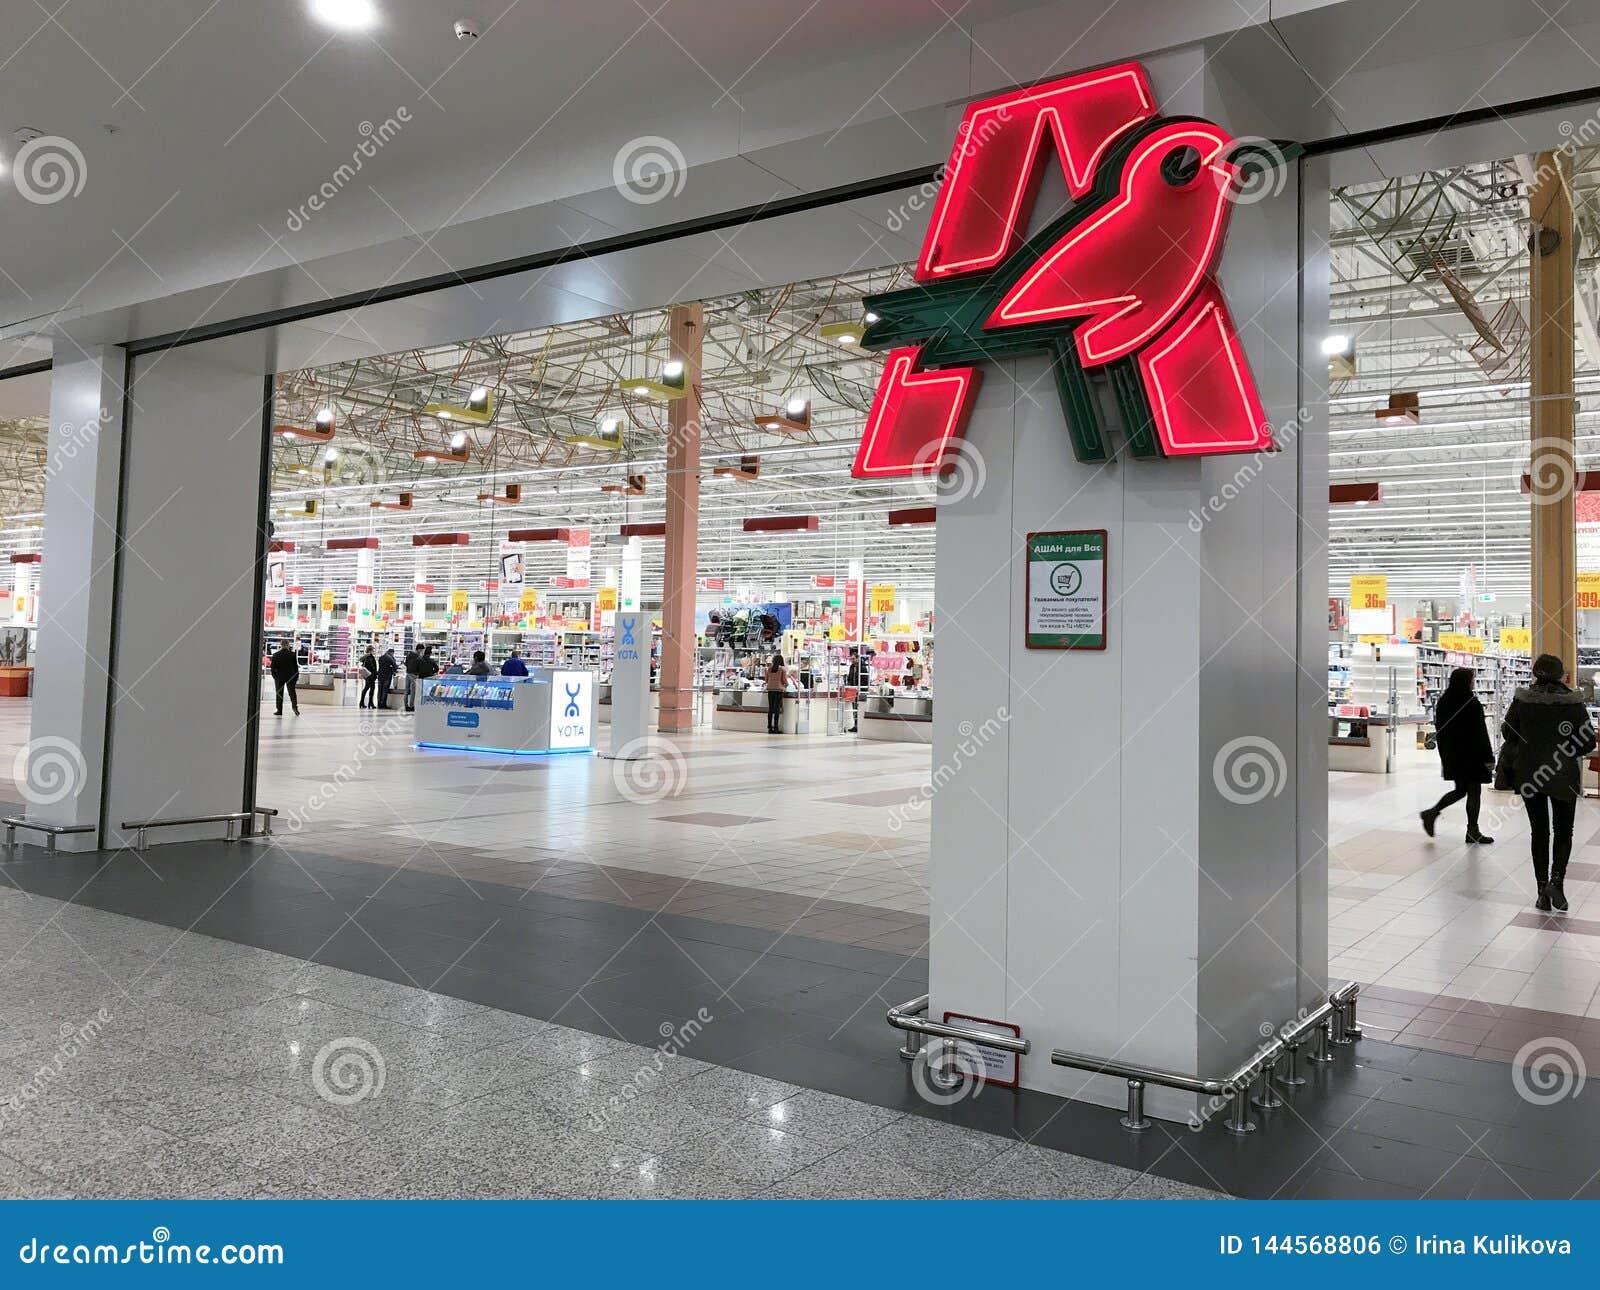 对欧尚大型超级市场的入口在购物中心里面